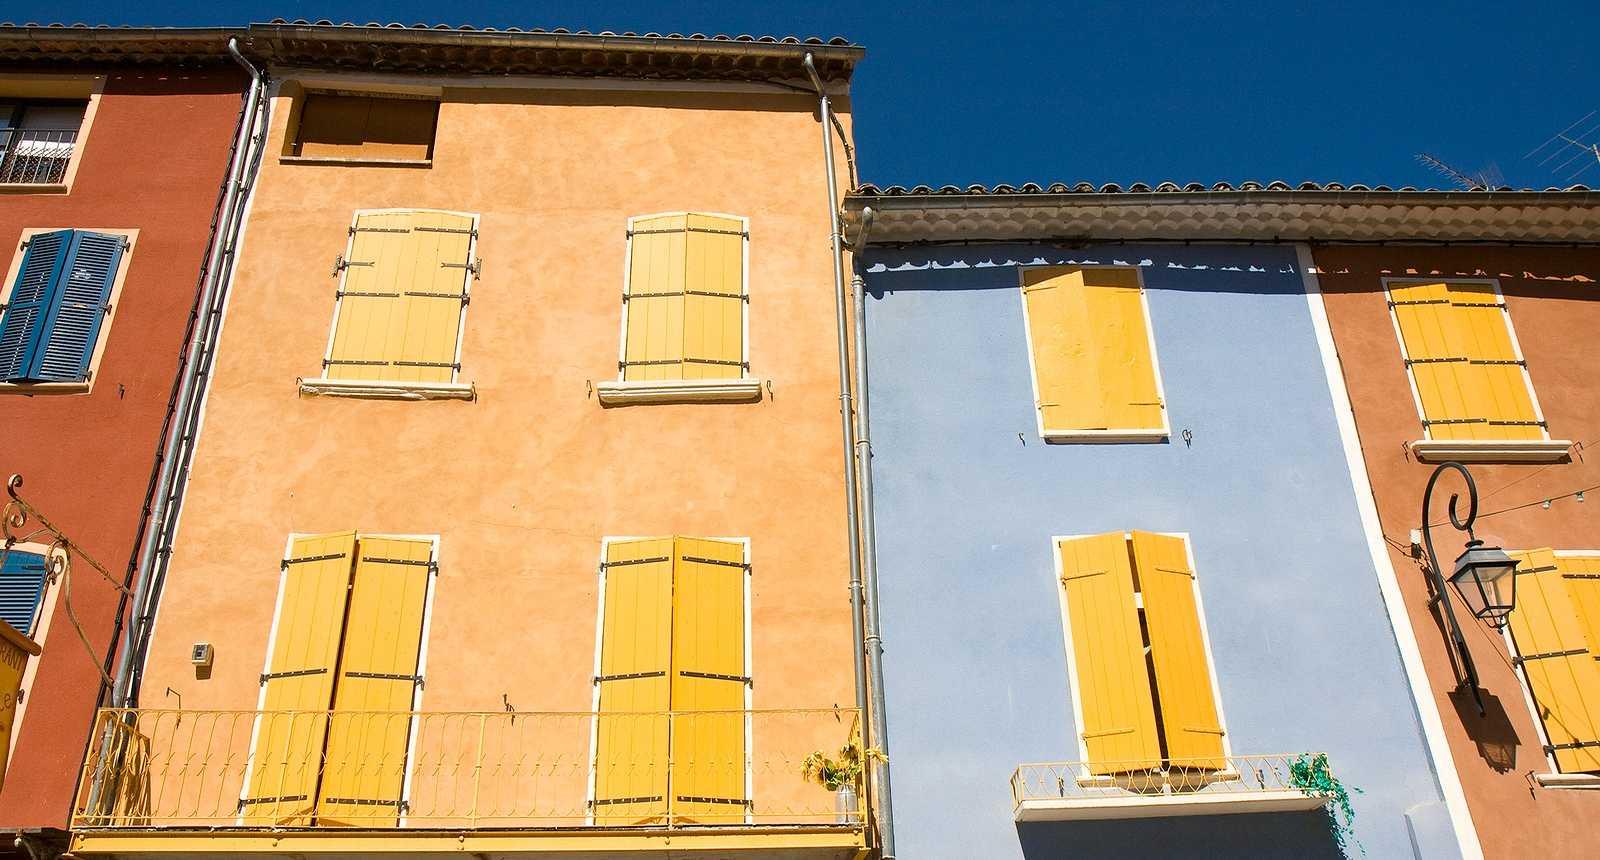 Couleur facade maison provencale couleur facade maison for Couleur facade provencale